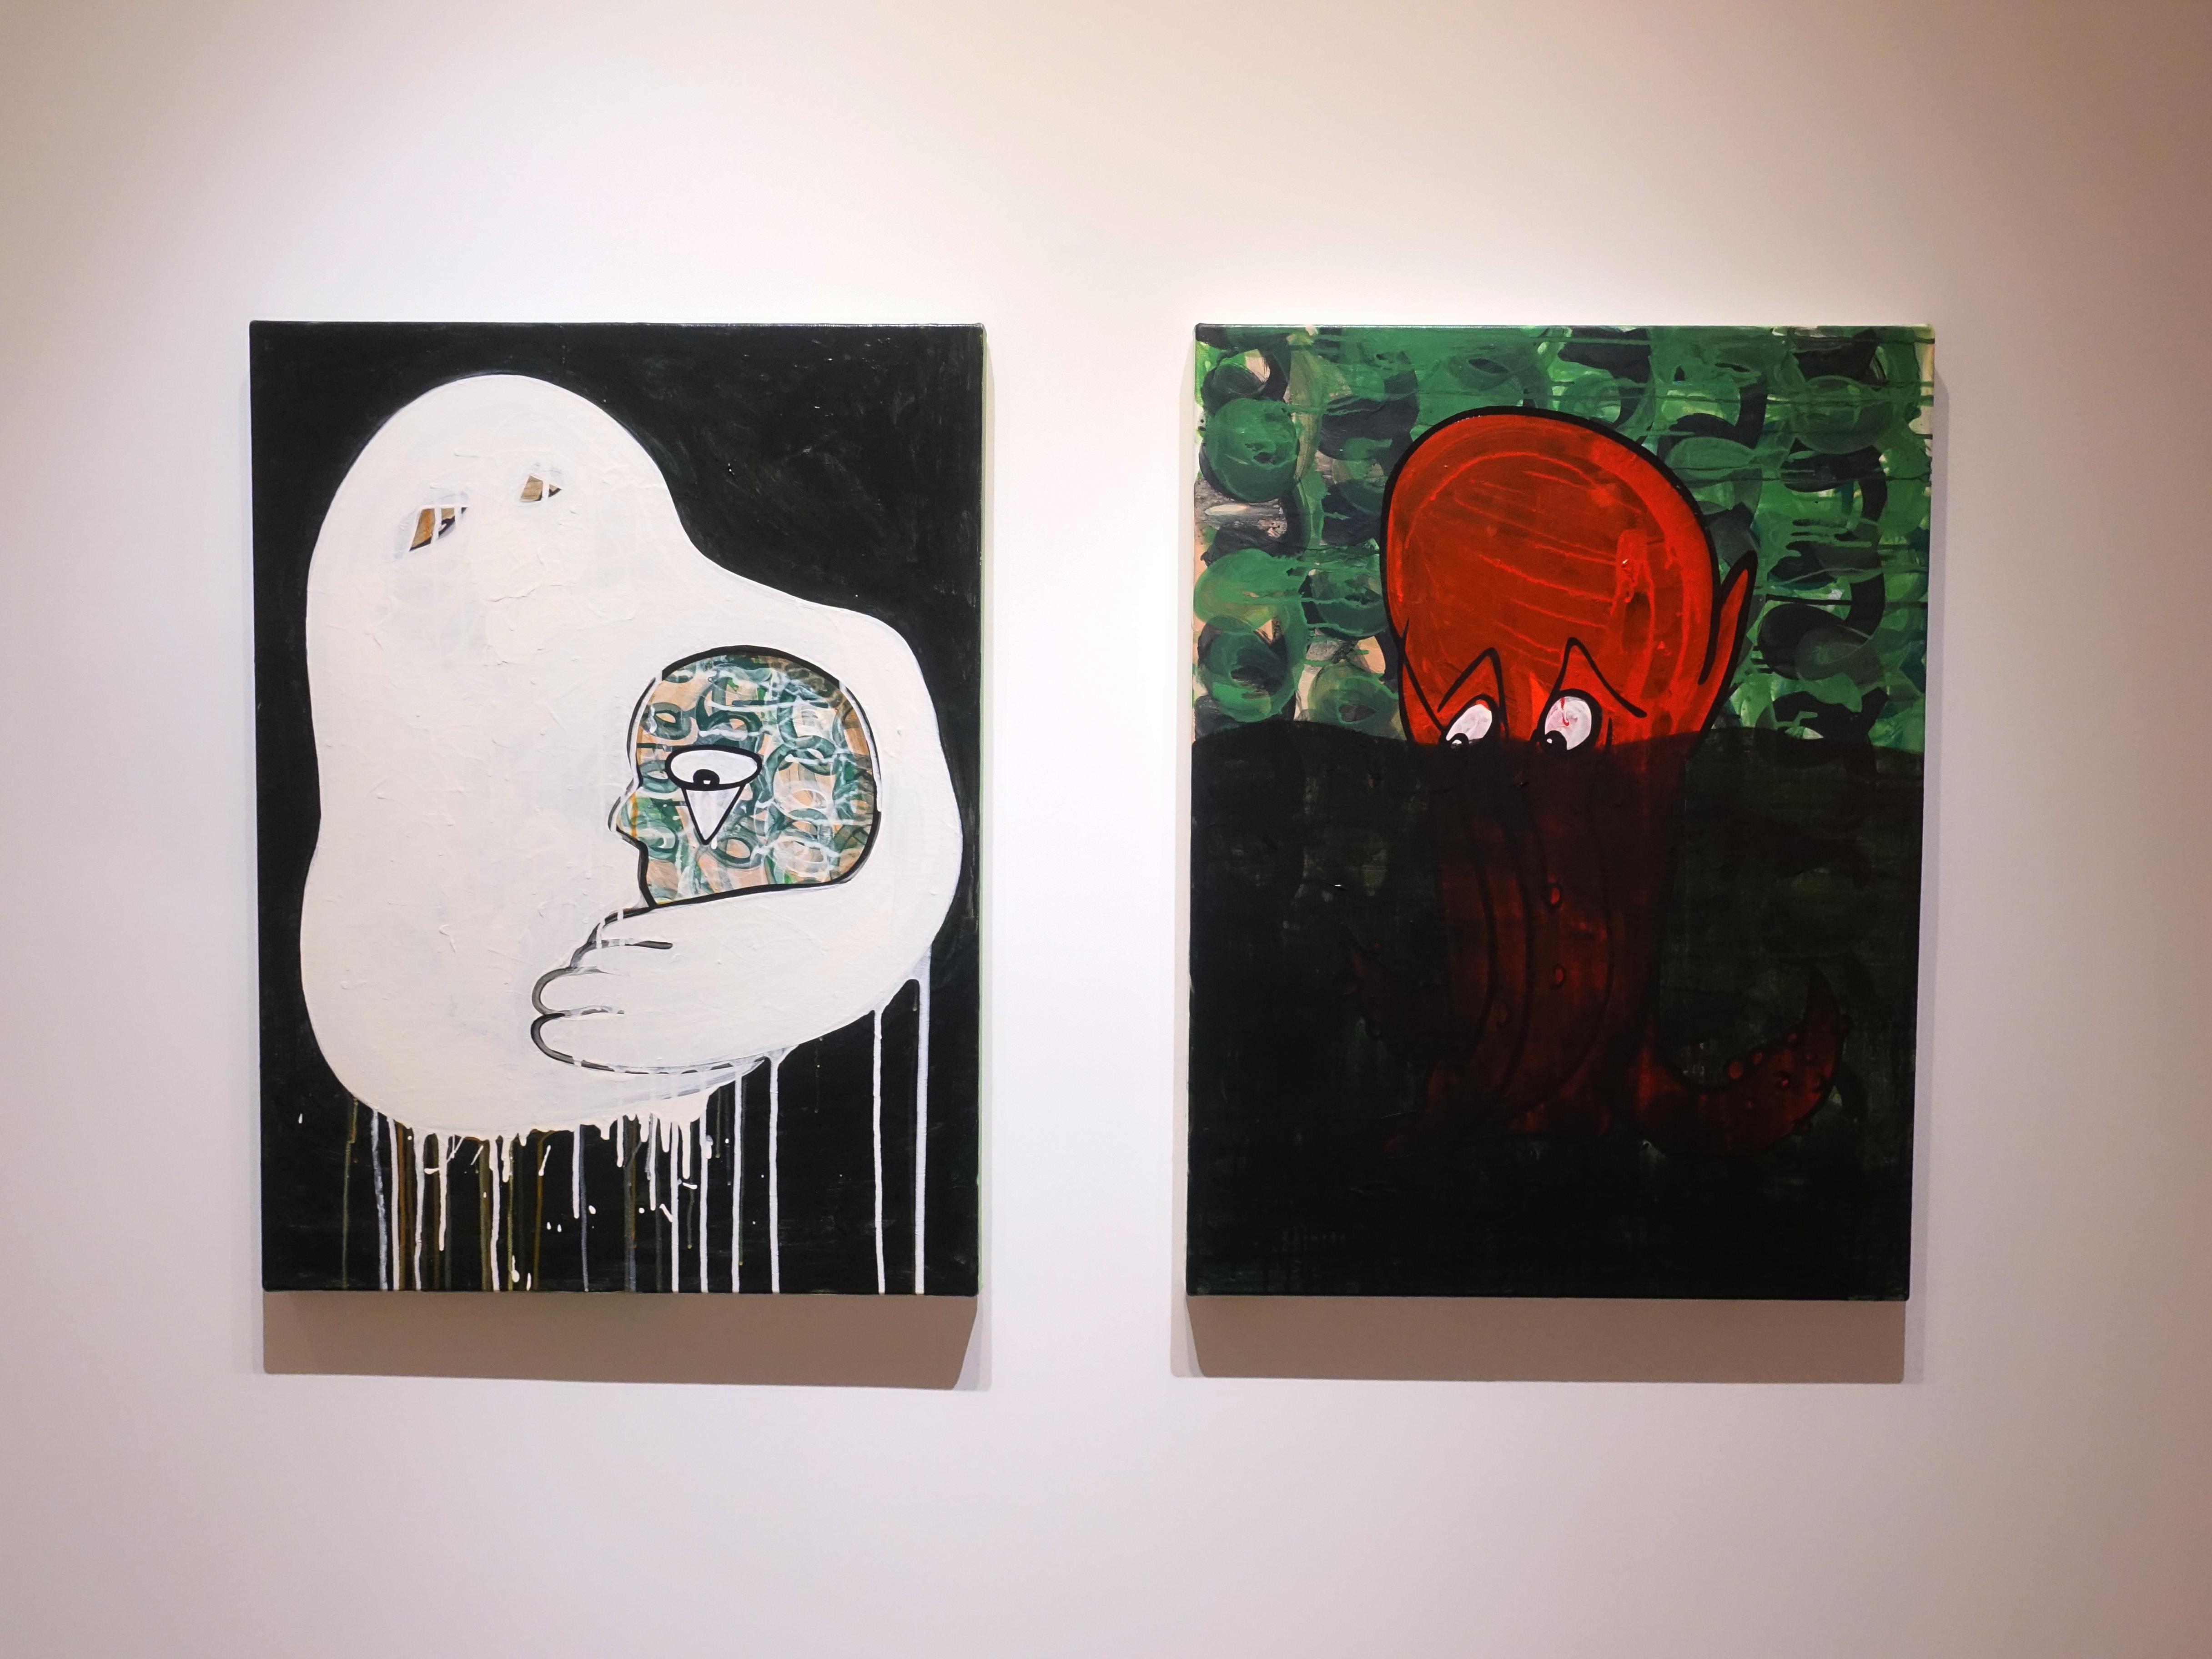 蕭筑方,《墨水浴》,80 x 60 cm,壓克力顏料、畫布,2020 (右)。 《溫暖的雪人》,80 x 60 cm,壓克力顏料、畫布,2020 (左)。